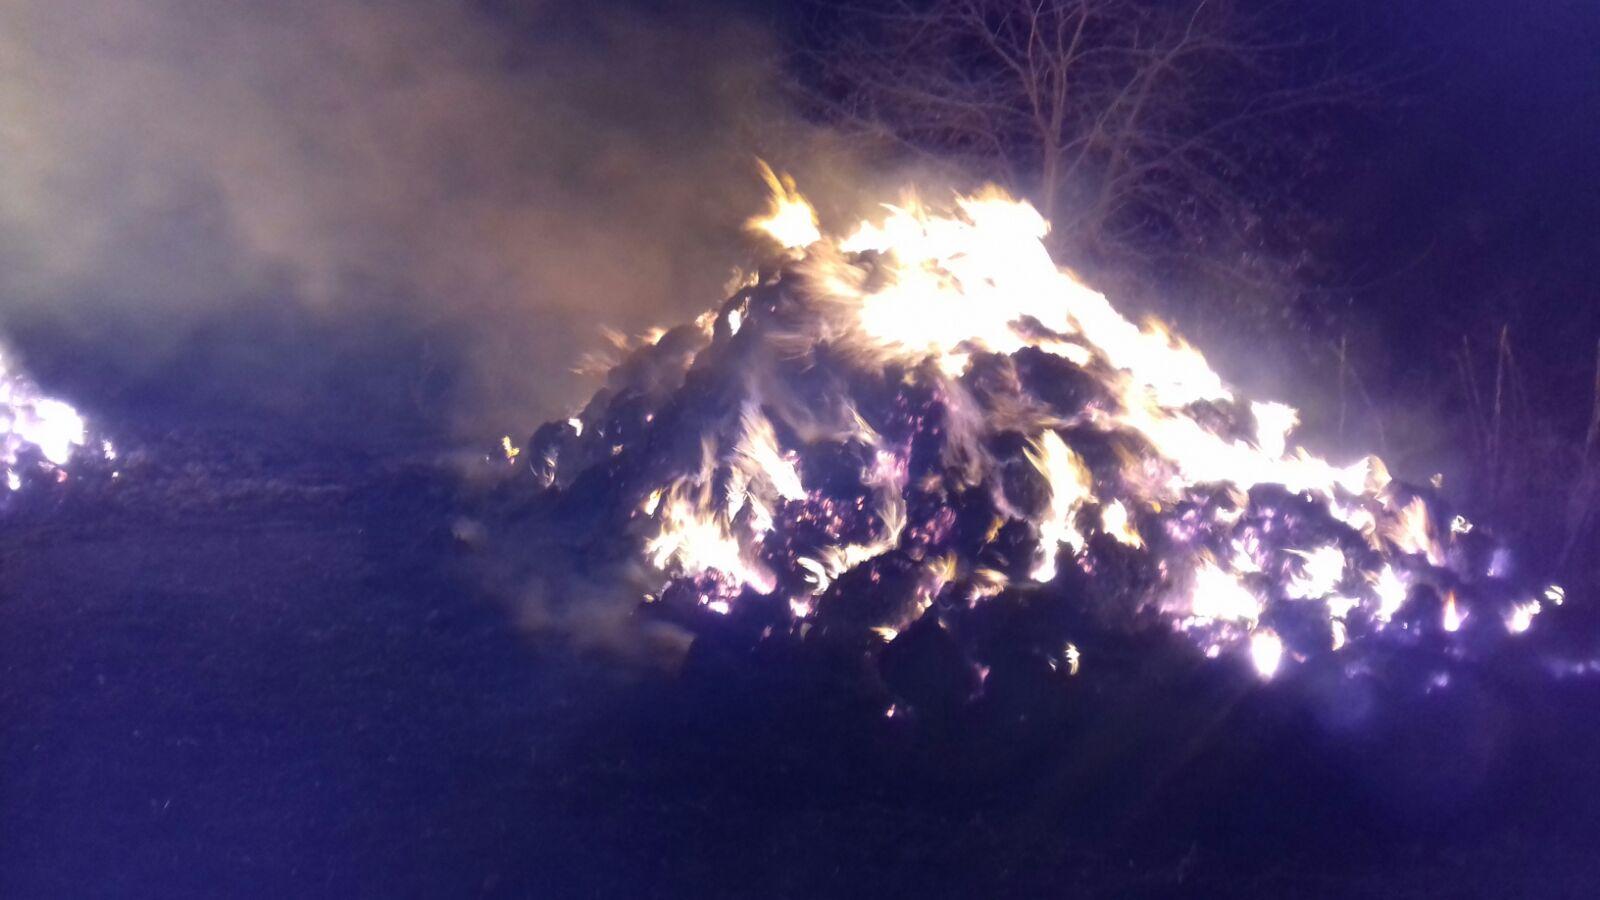 Depozit de furaje incendiat intenționat, la Stănița